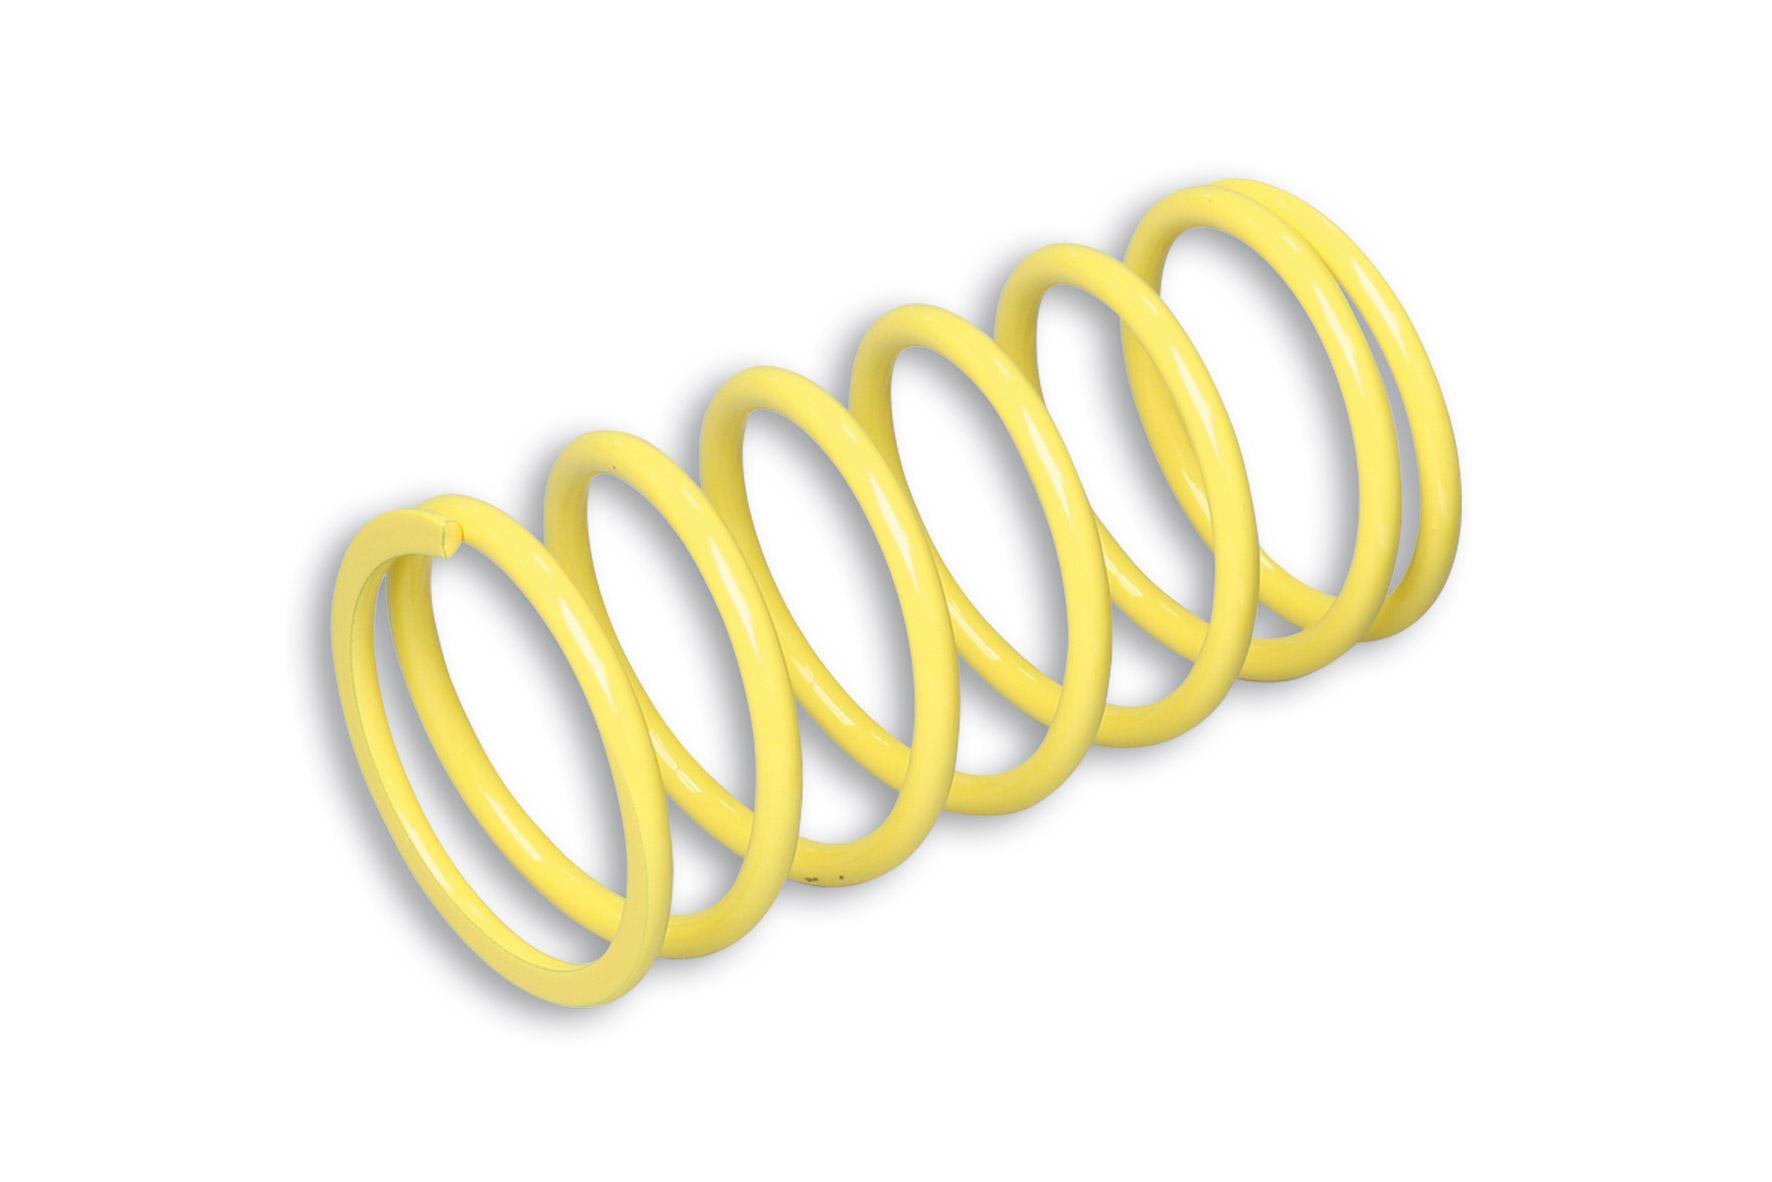 Muelle de polea conducida amarillo (Ø externo 70,5x138 mm - Ø hilo 6 mm - k 9,7)